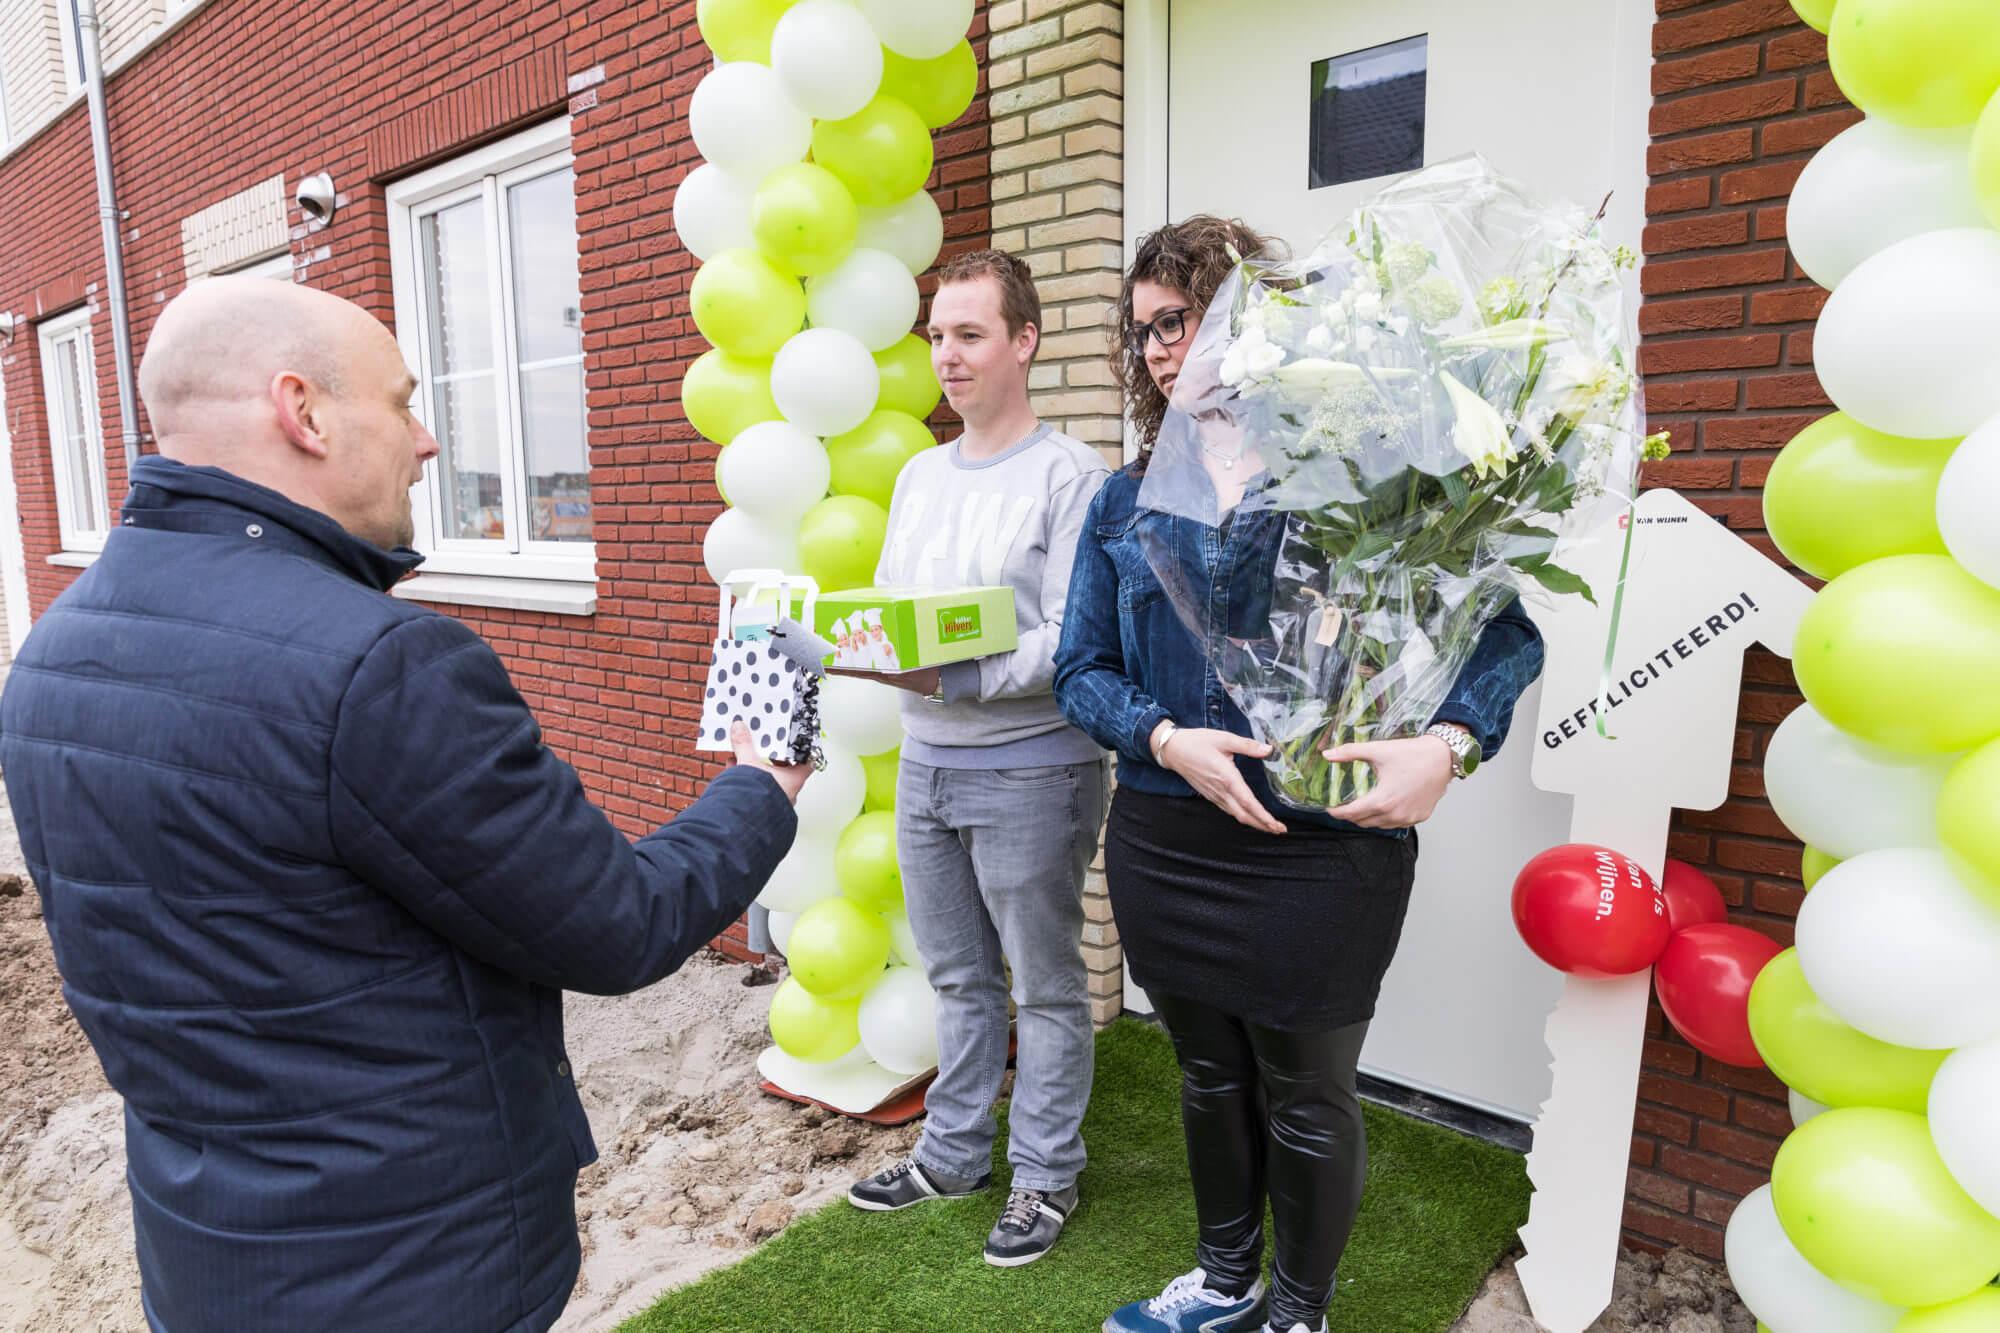 Pim en Gladys ontvangen taart en bloemen van wethouder Gerrie Elfrink